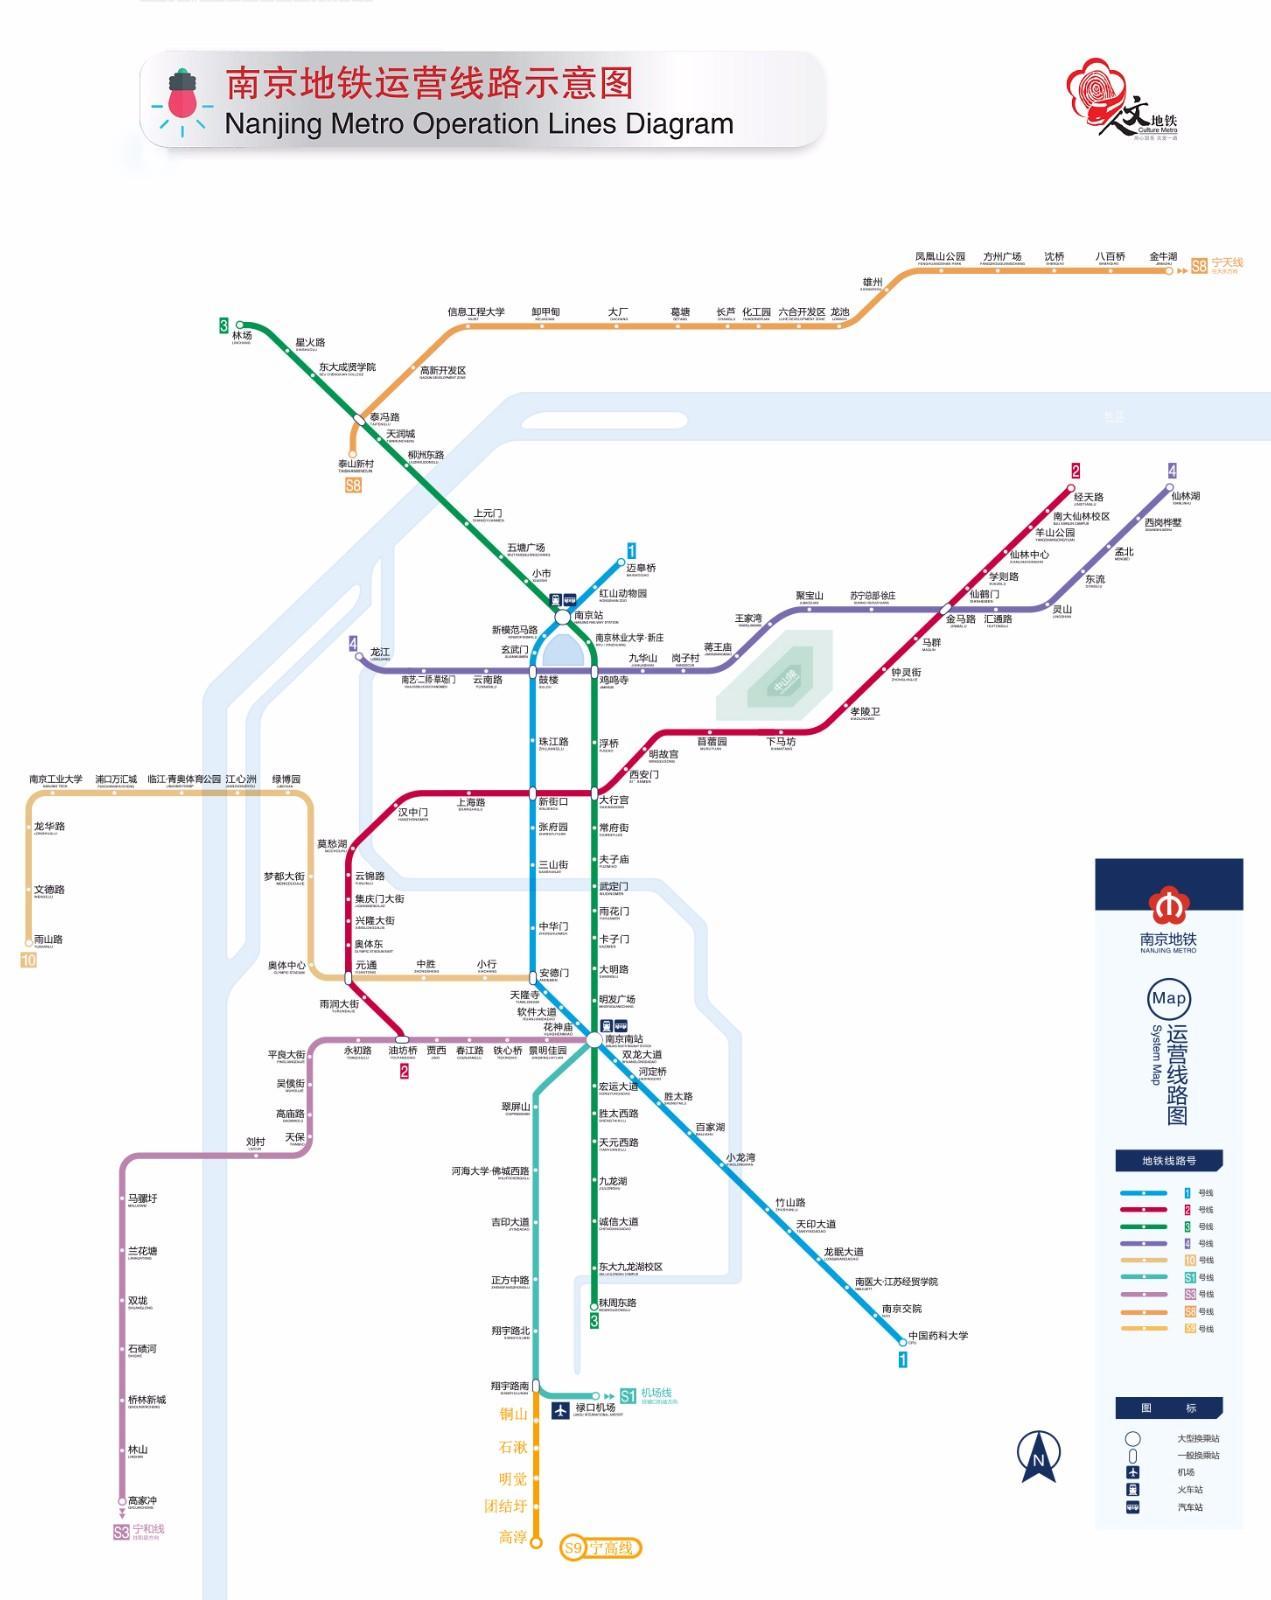 最新最全!2018南京地铁首末班车时刻表,高清线路图